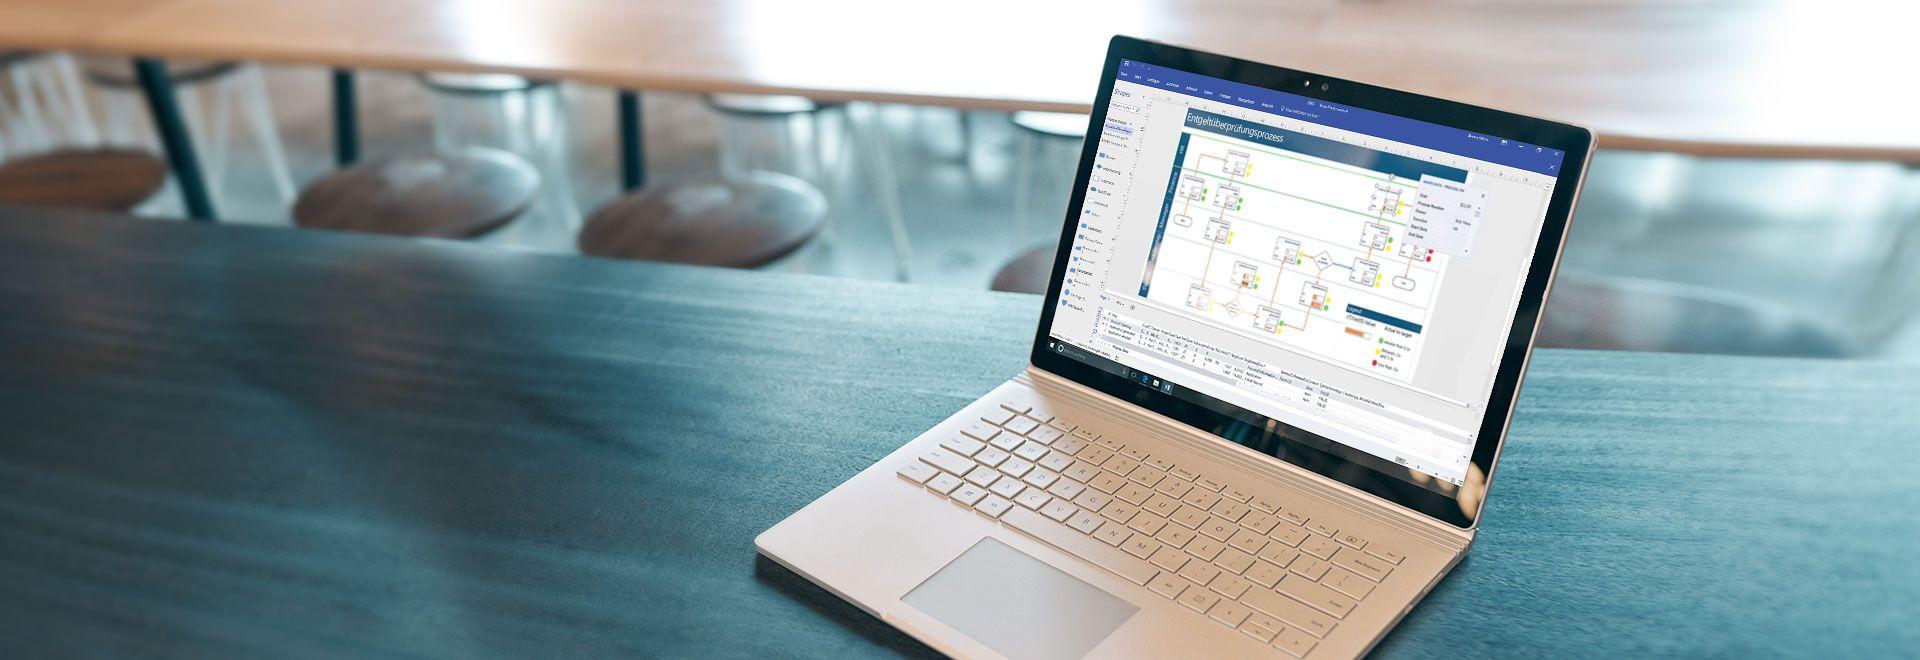 Ein Laptop mit einem Prozessablauf-Diagramm in Visio